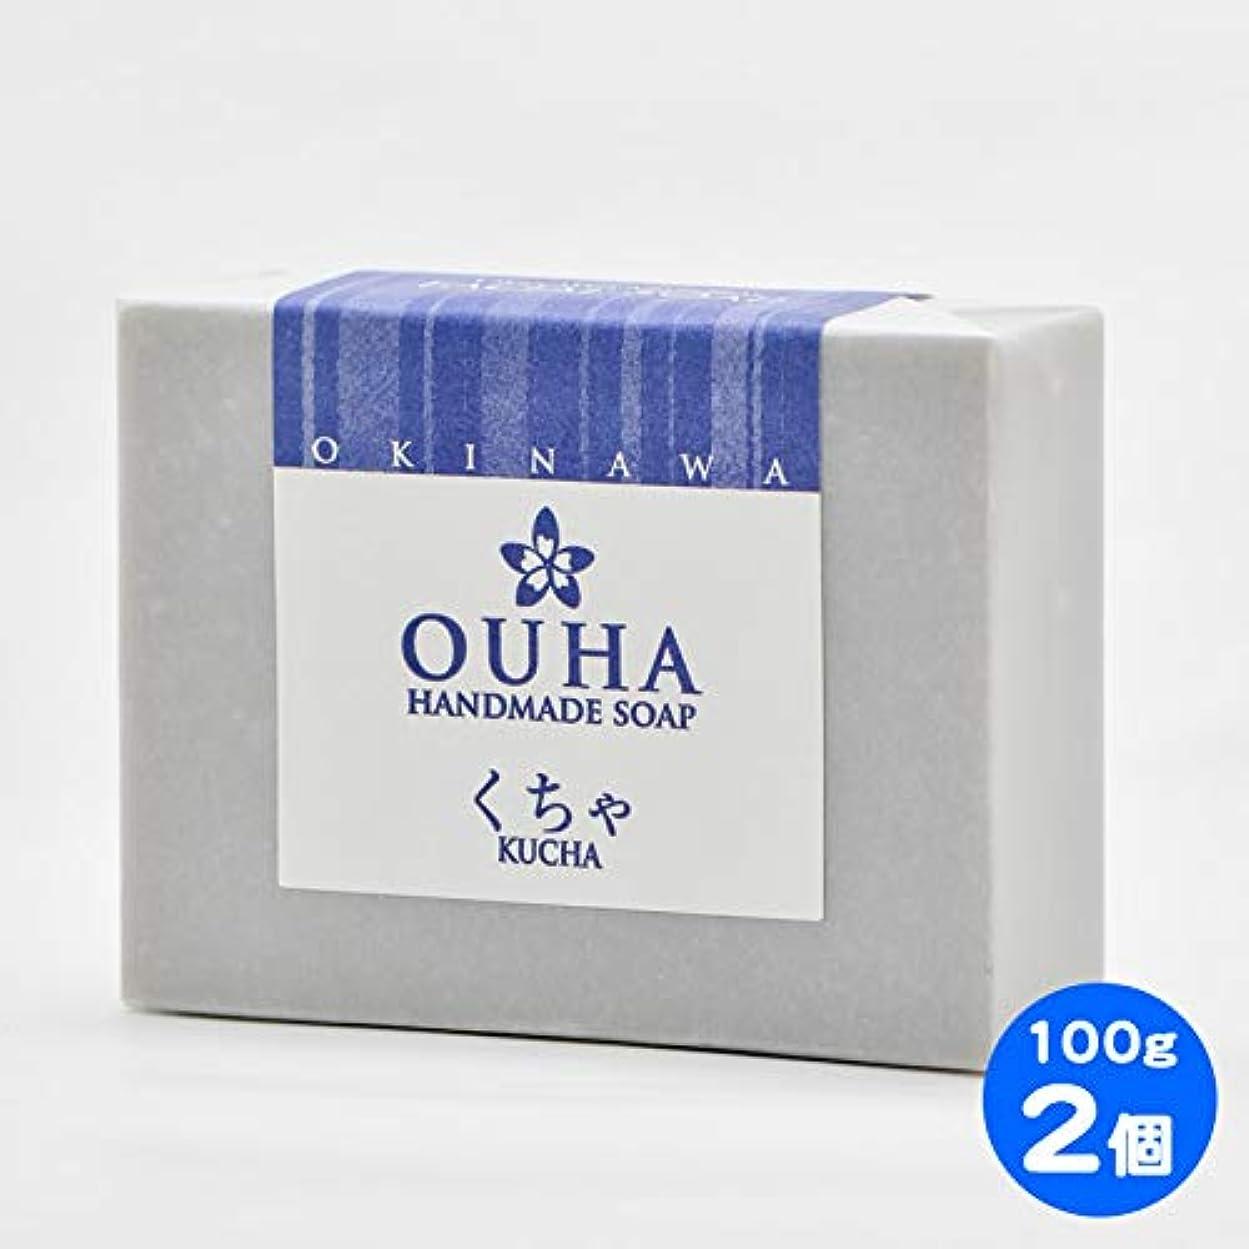 なんでも飼料扇動する【送料無料 レターパックライト】沖縄県産 OUHAソープ くちゃ 石鹸 100g 3個セット